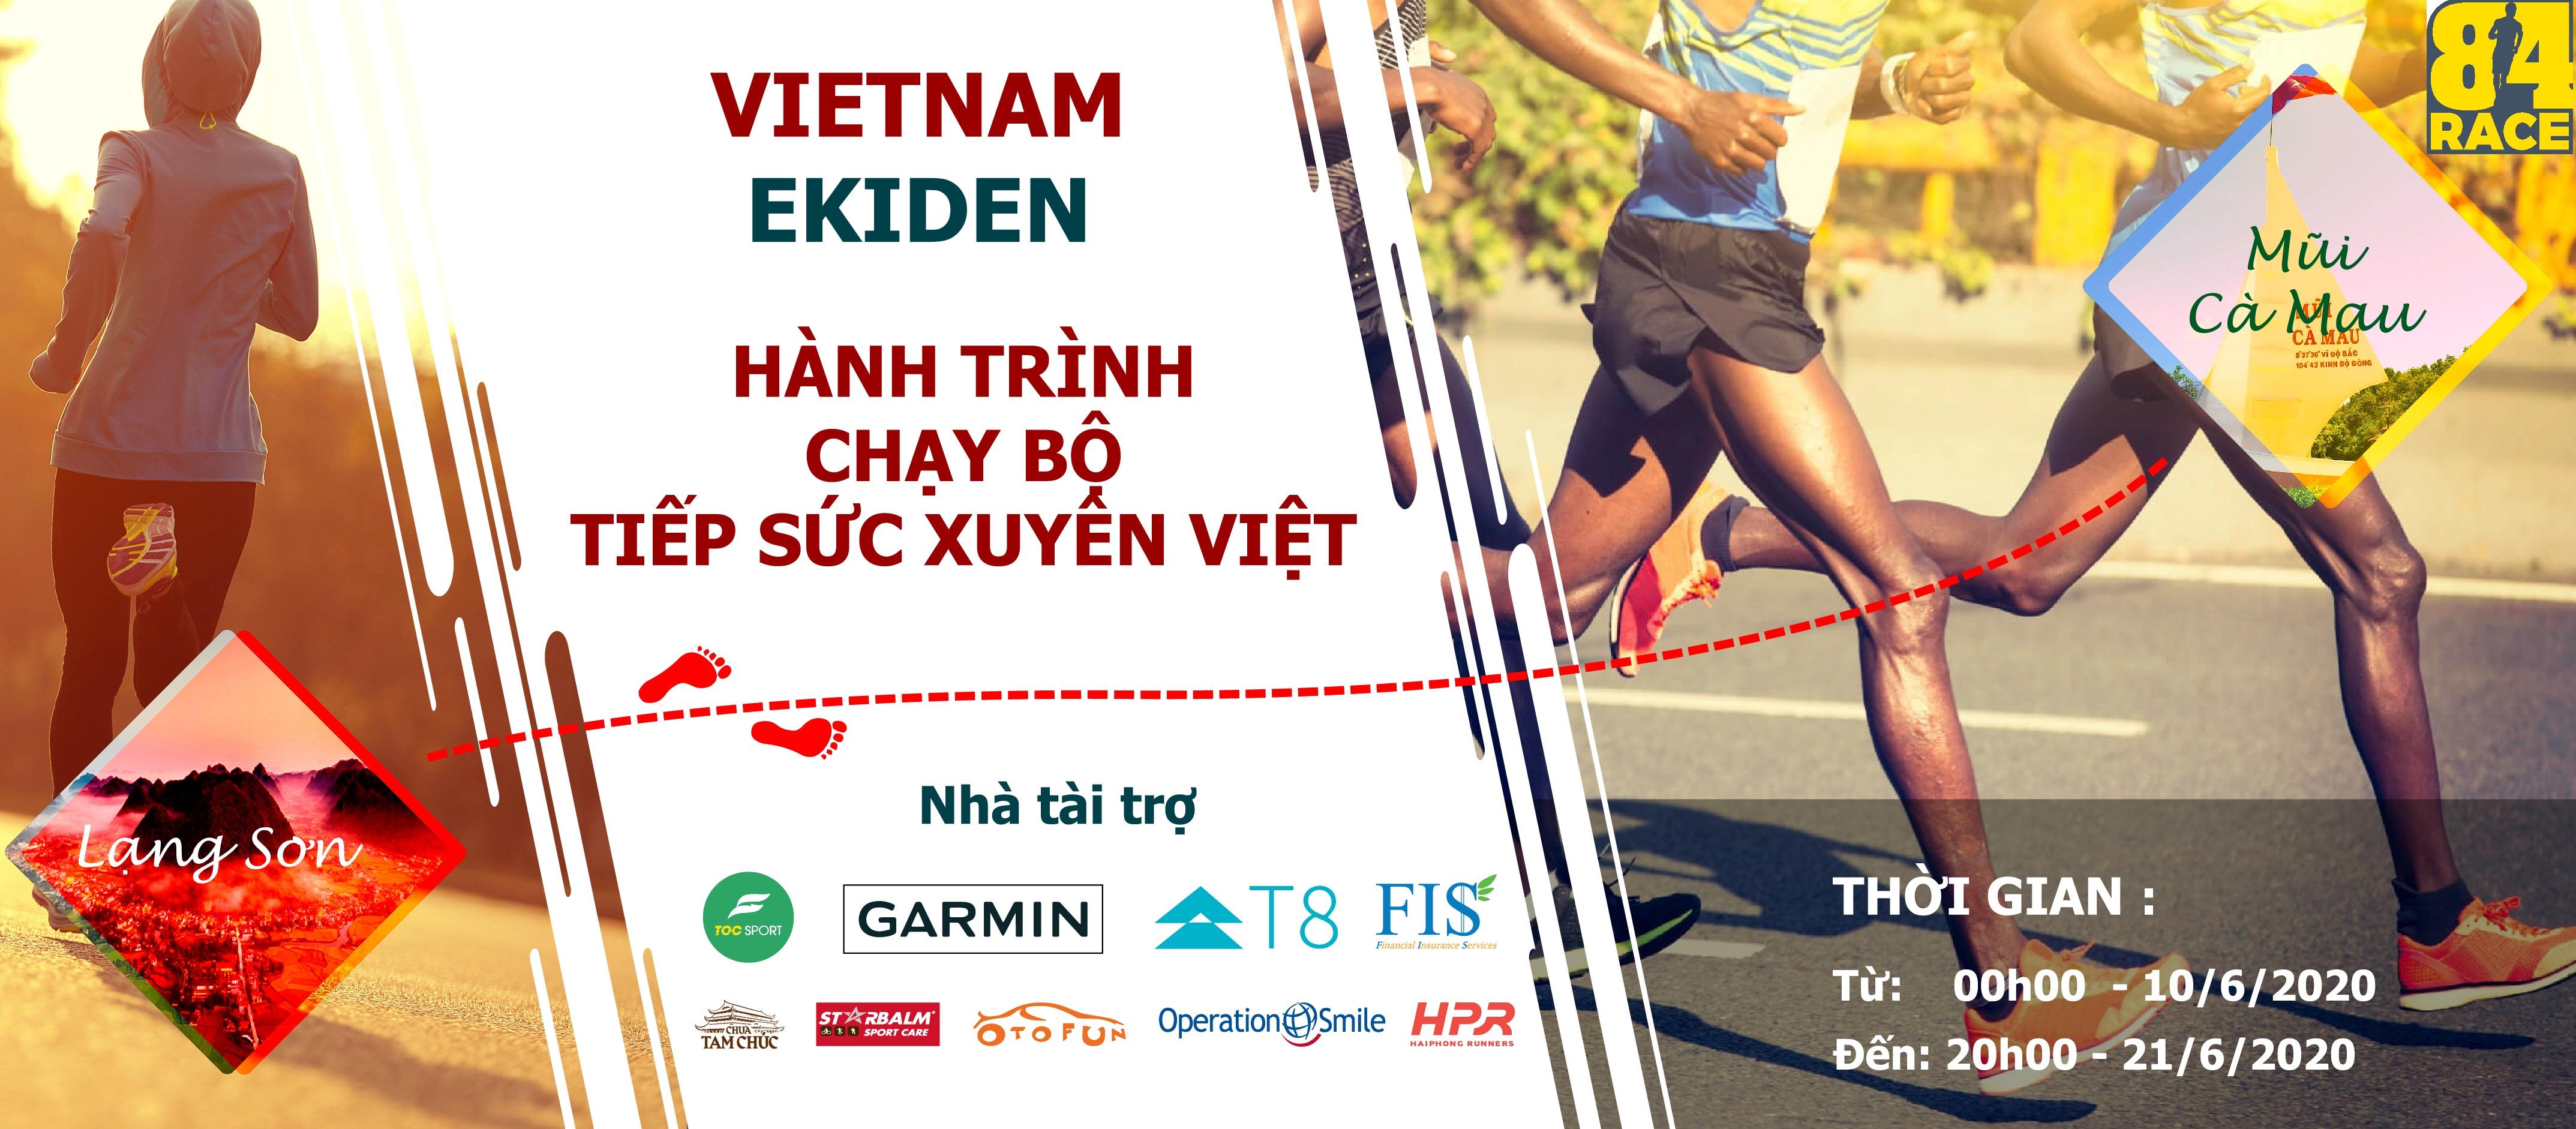 Hành trình chạy bộ tiếp sức xuyên Việt